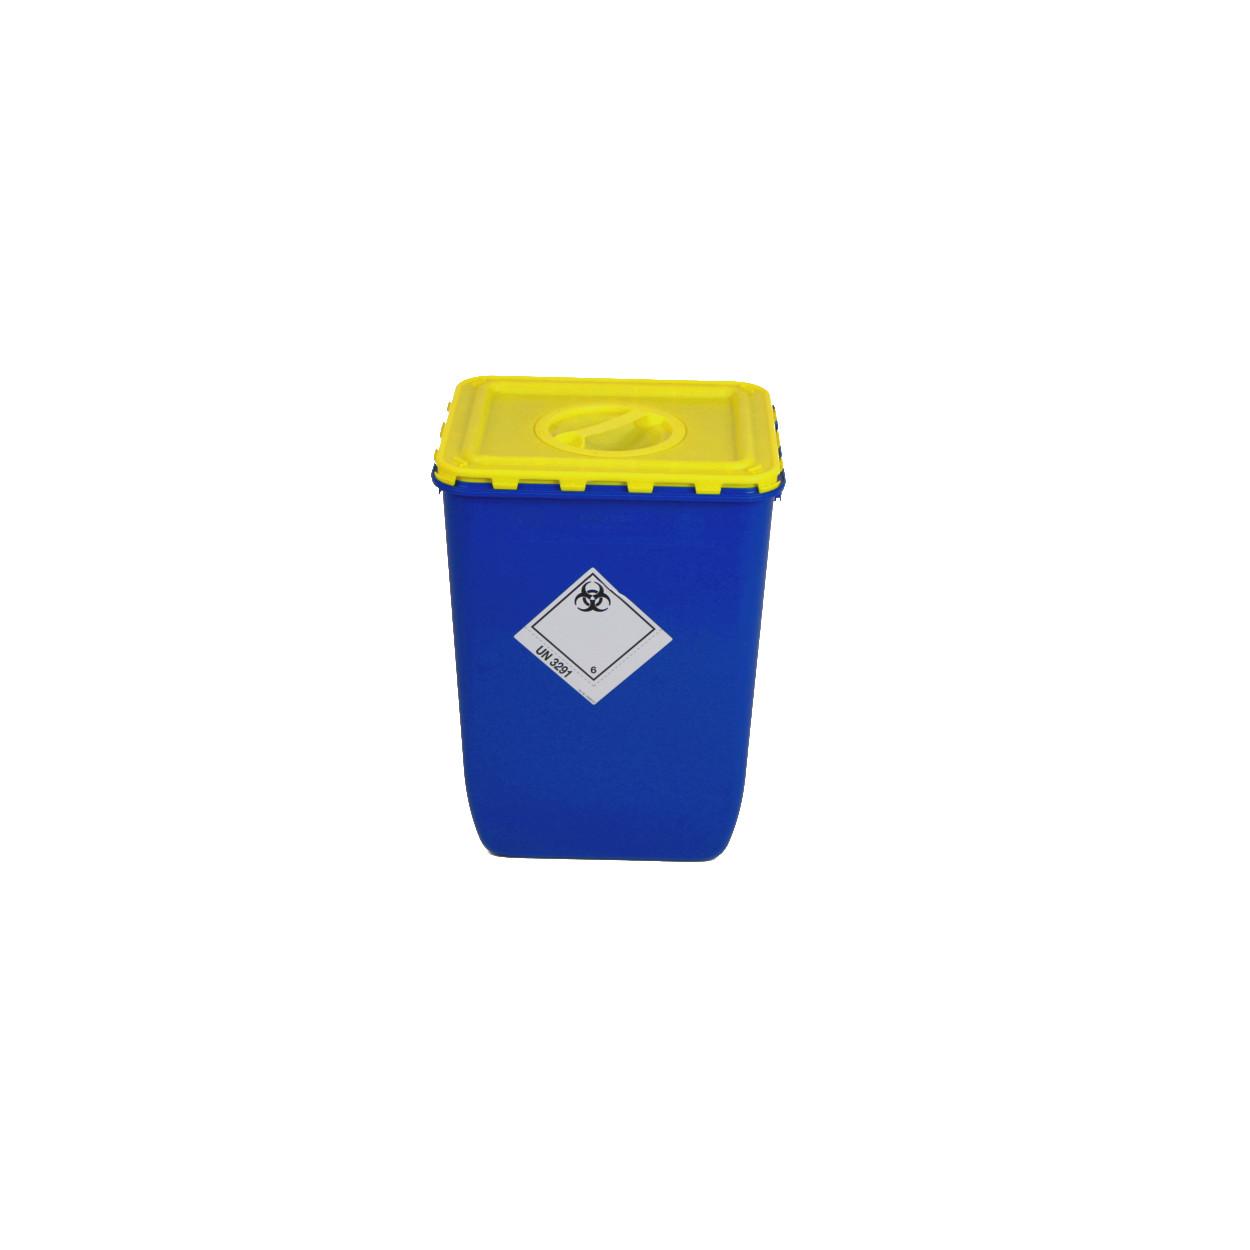 Pojemnik z klapą i otworem na zbiórkę bioodpadów - 50L